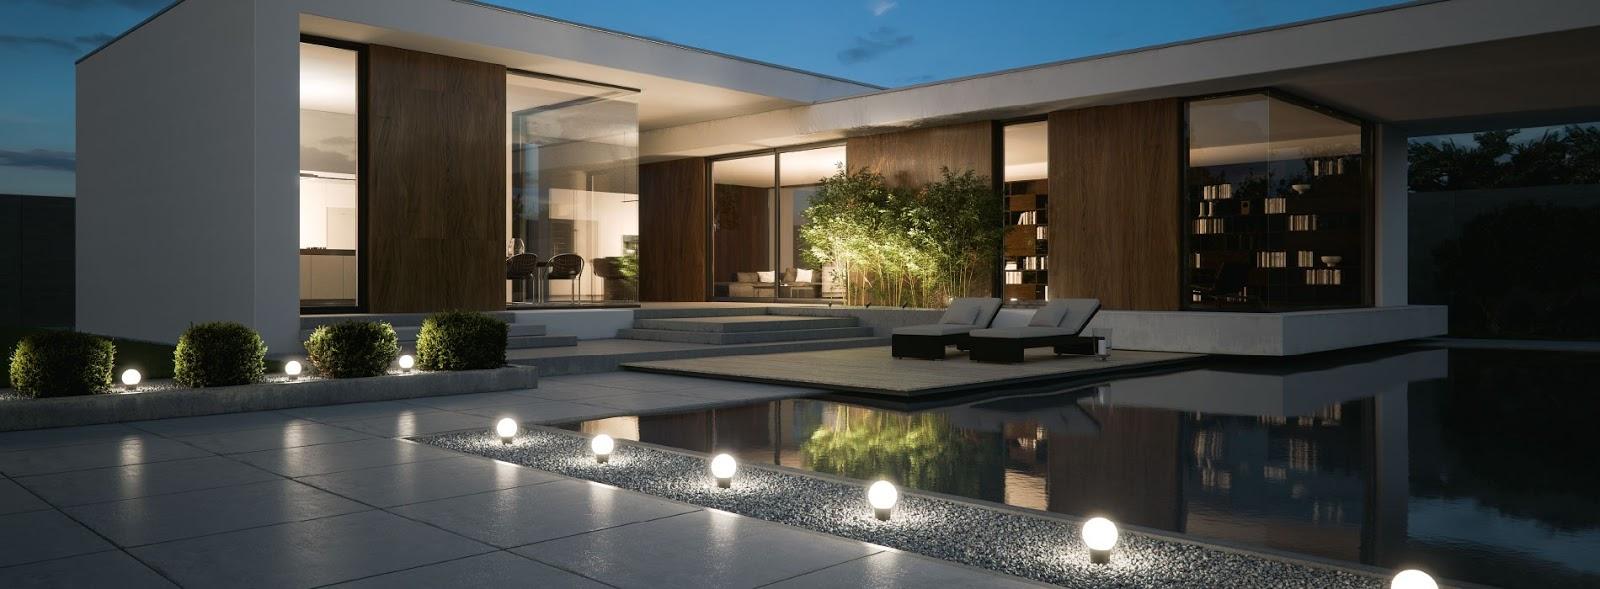 LLEDO GROUP - Feel the Light: Iluminación para la casa y el jardín